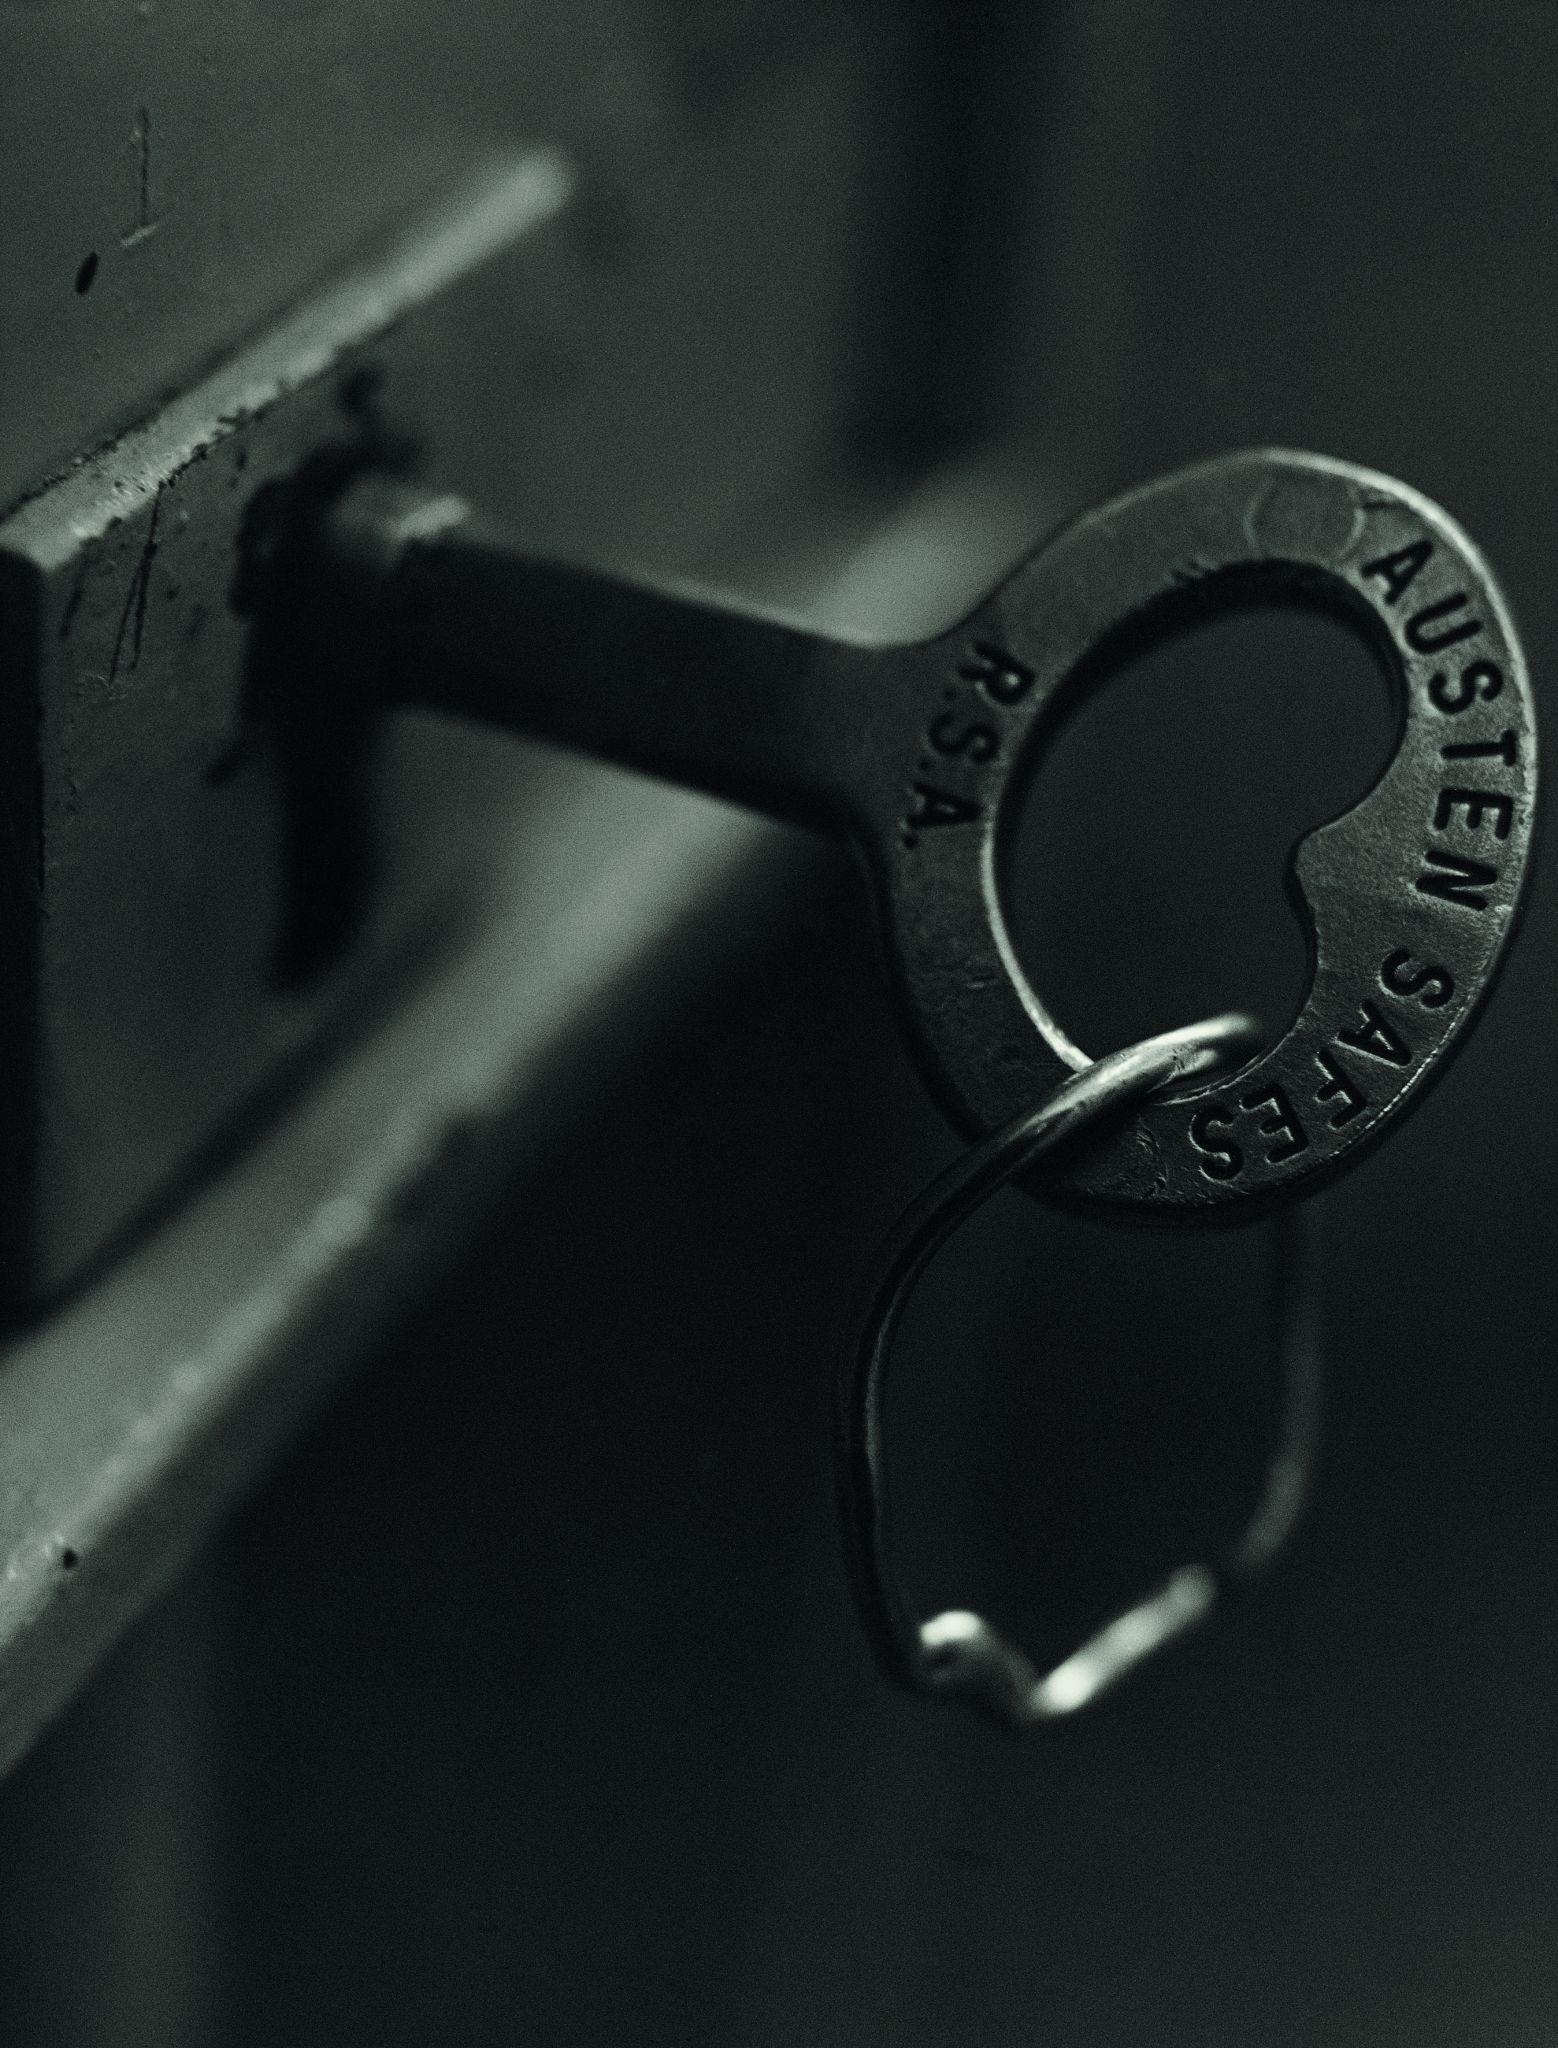 A chave trancando a porta da cela de Mandela, 1992, Koto Bolofo